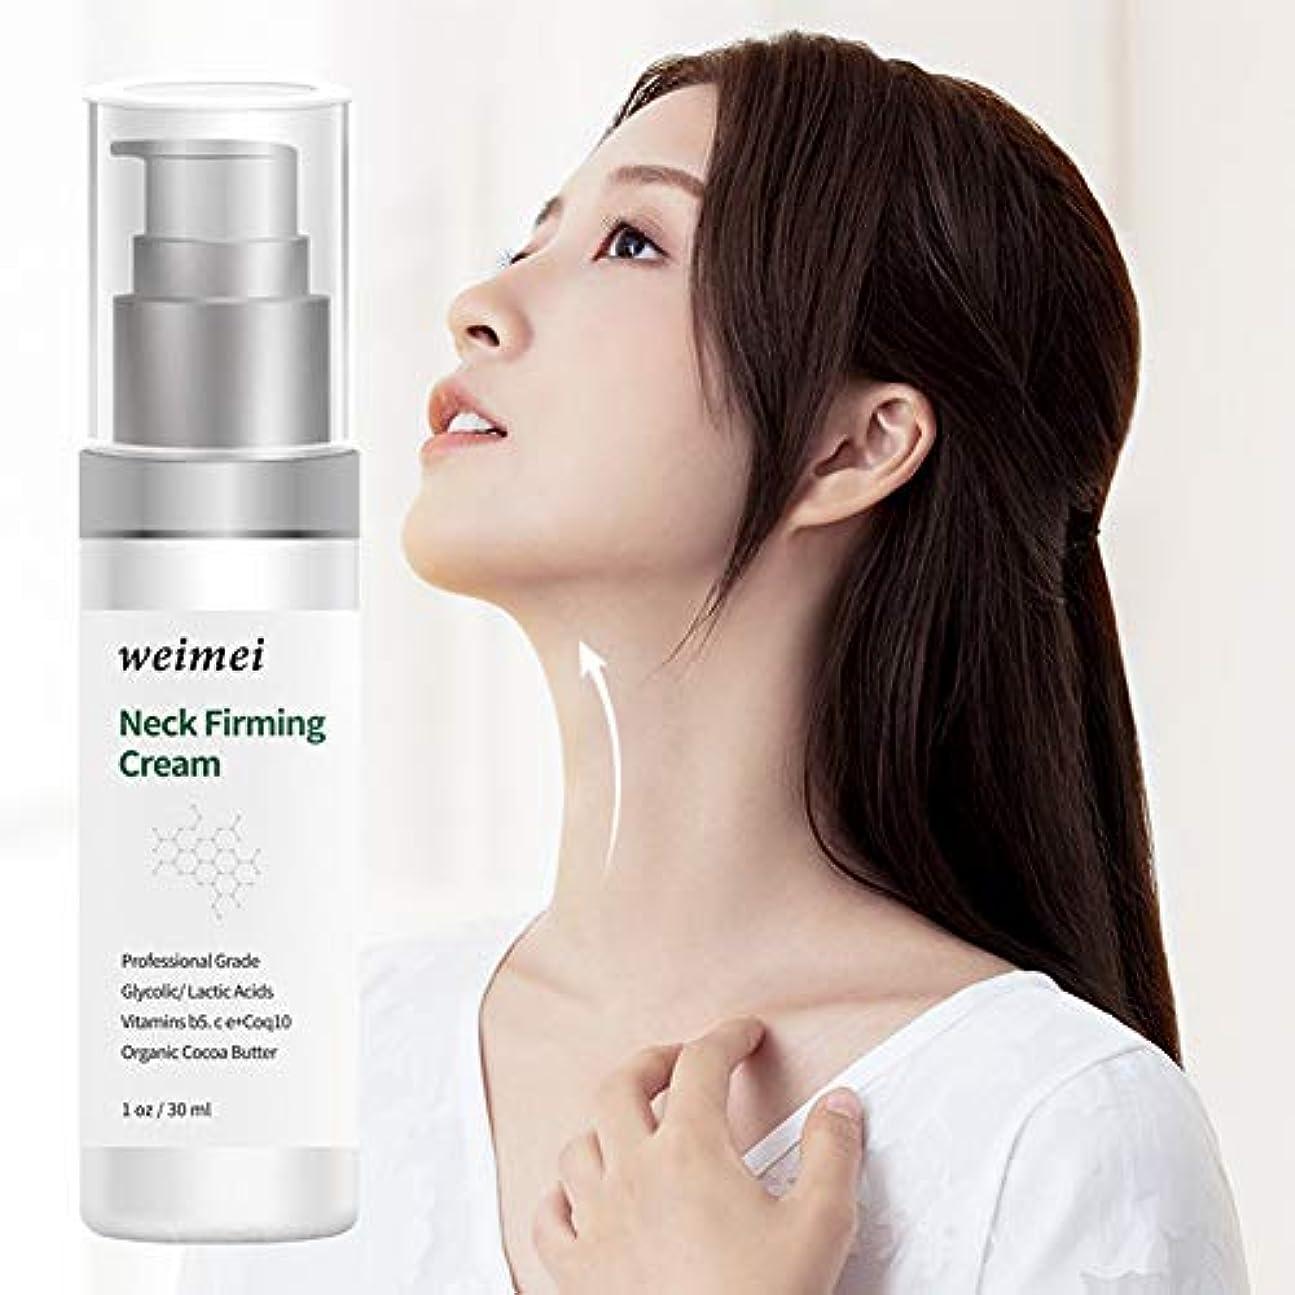 似ている扇動軽蔑するBalai ネックファーミングクリーム 首のしわを効果的に除去し 首の皮膚製品を白くします。